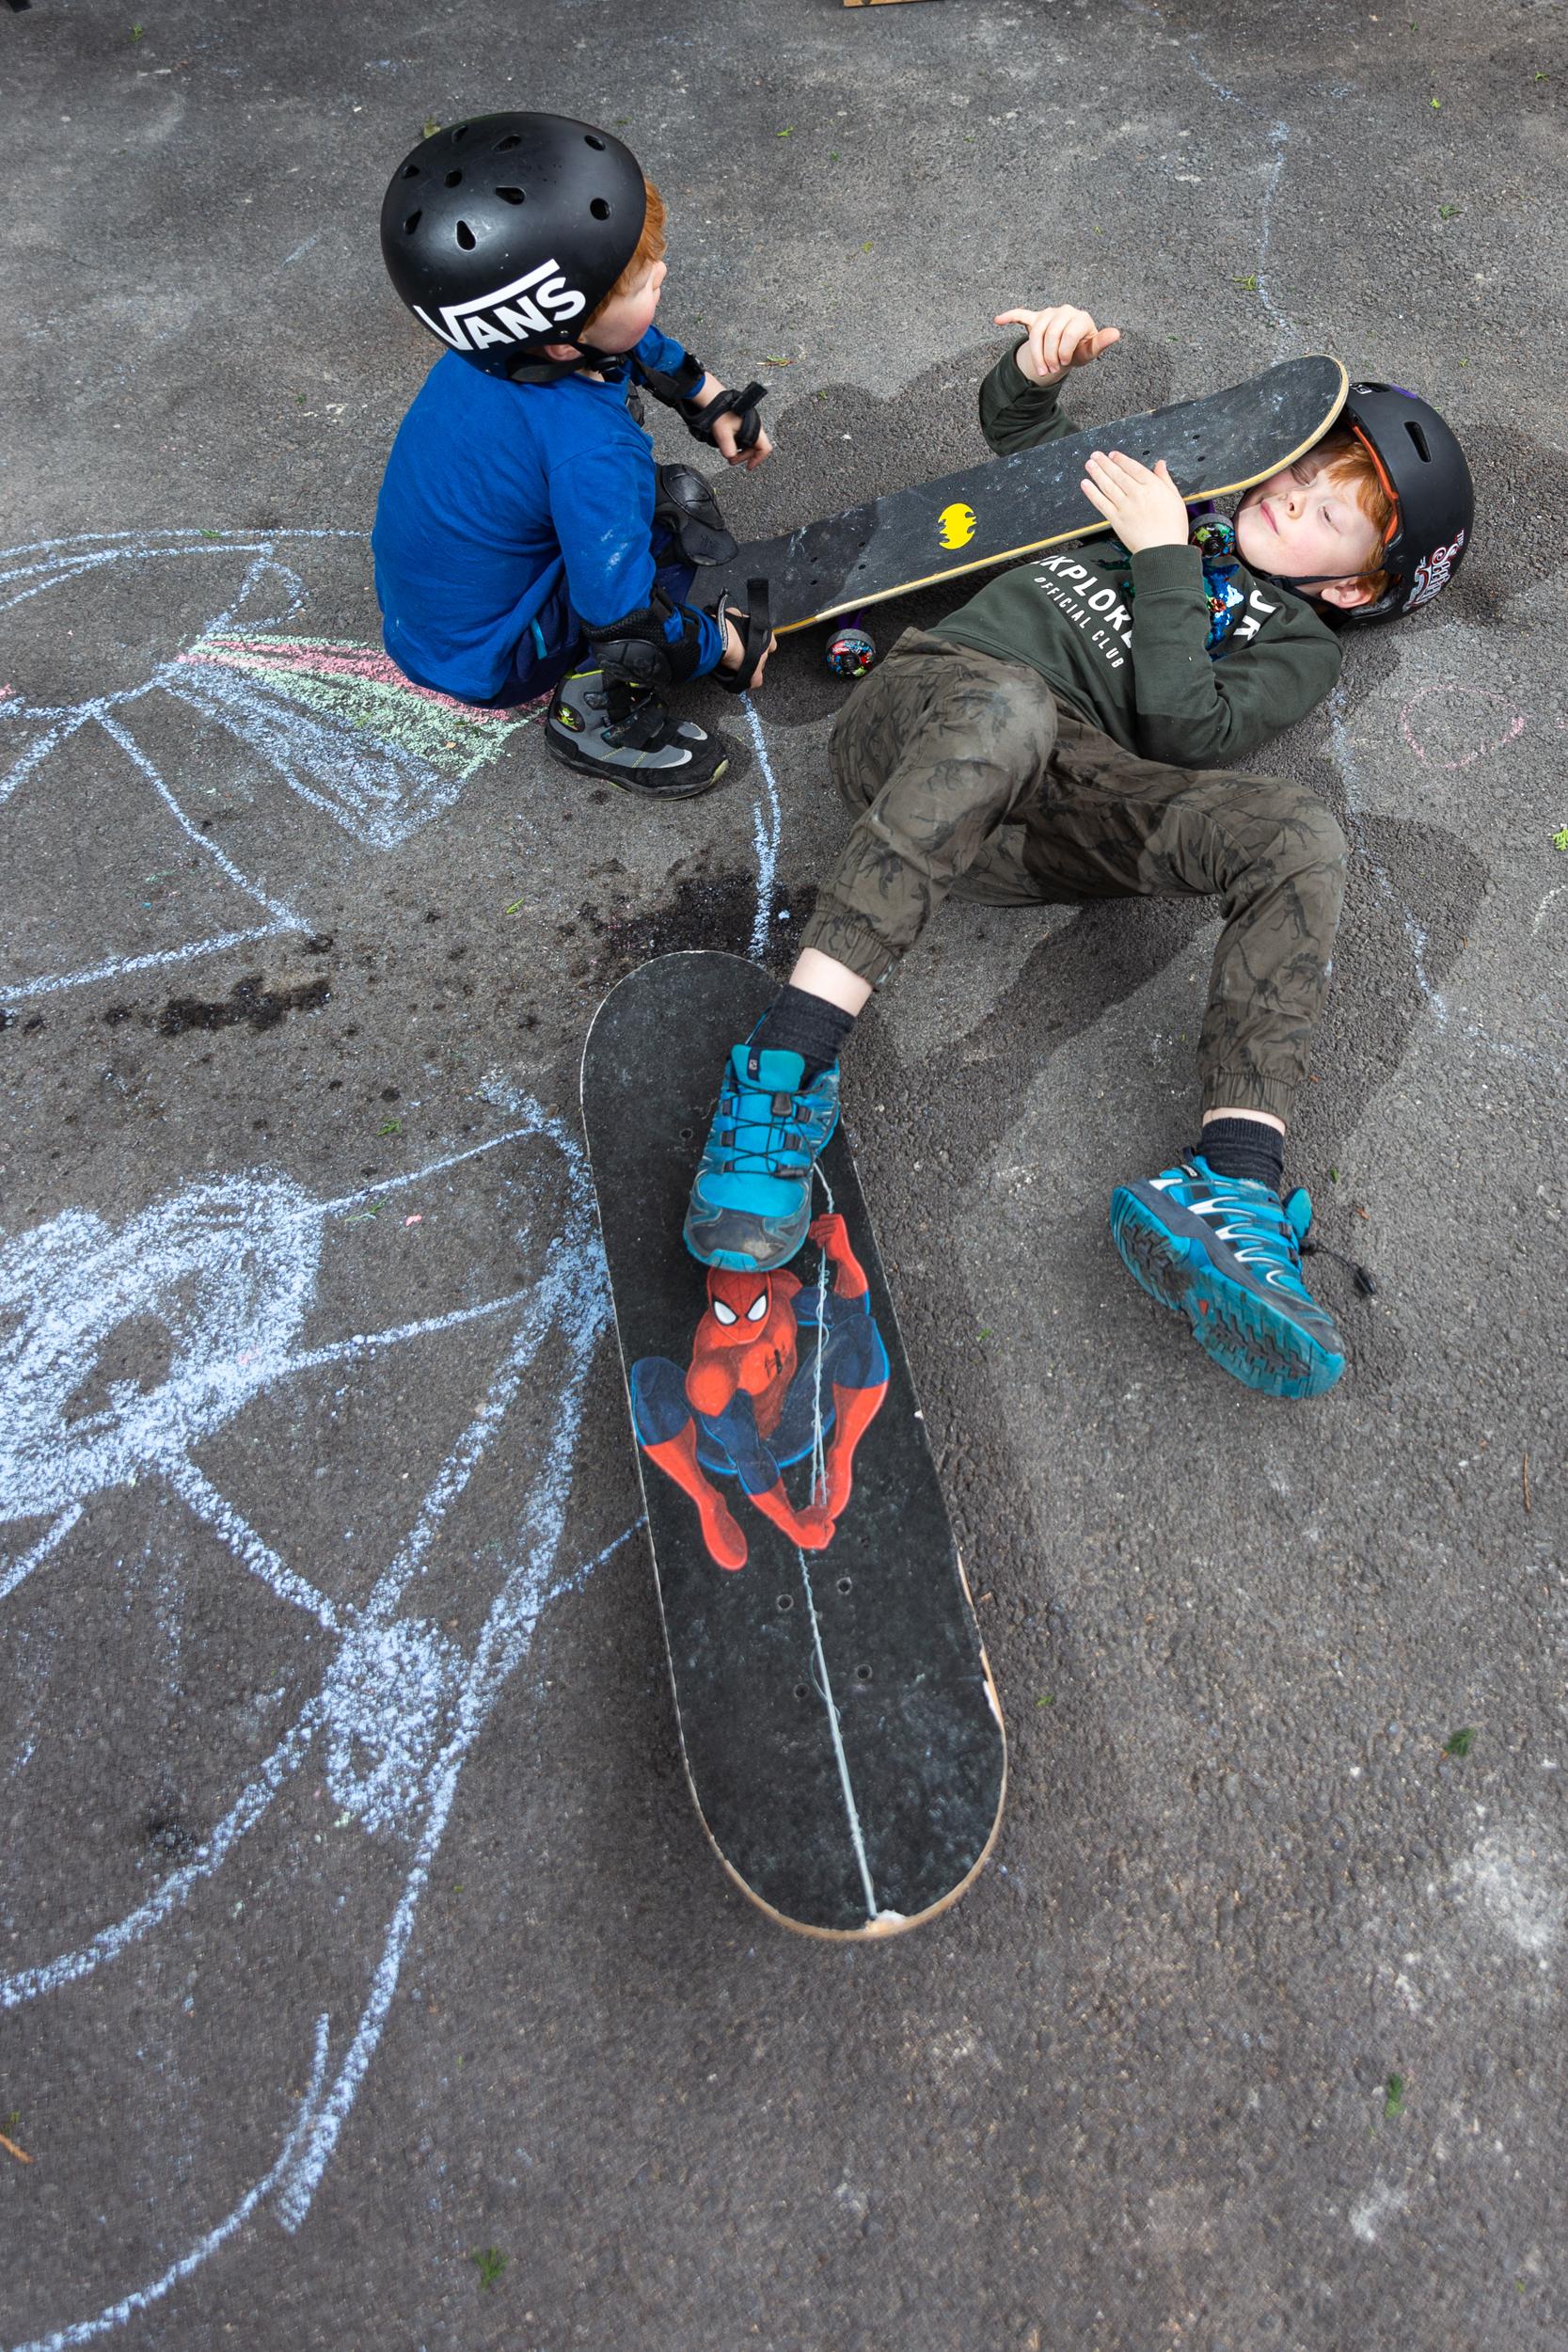 skate practice 19_07.jpg